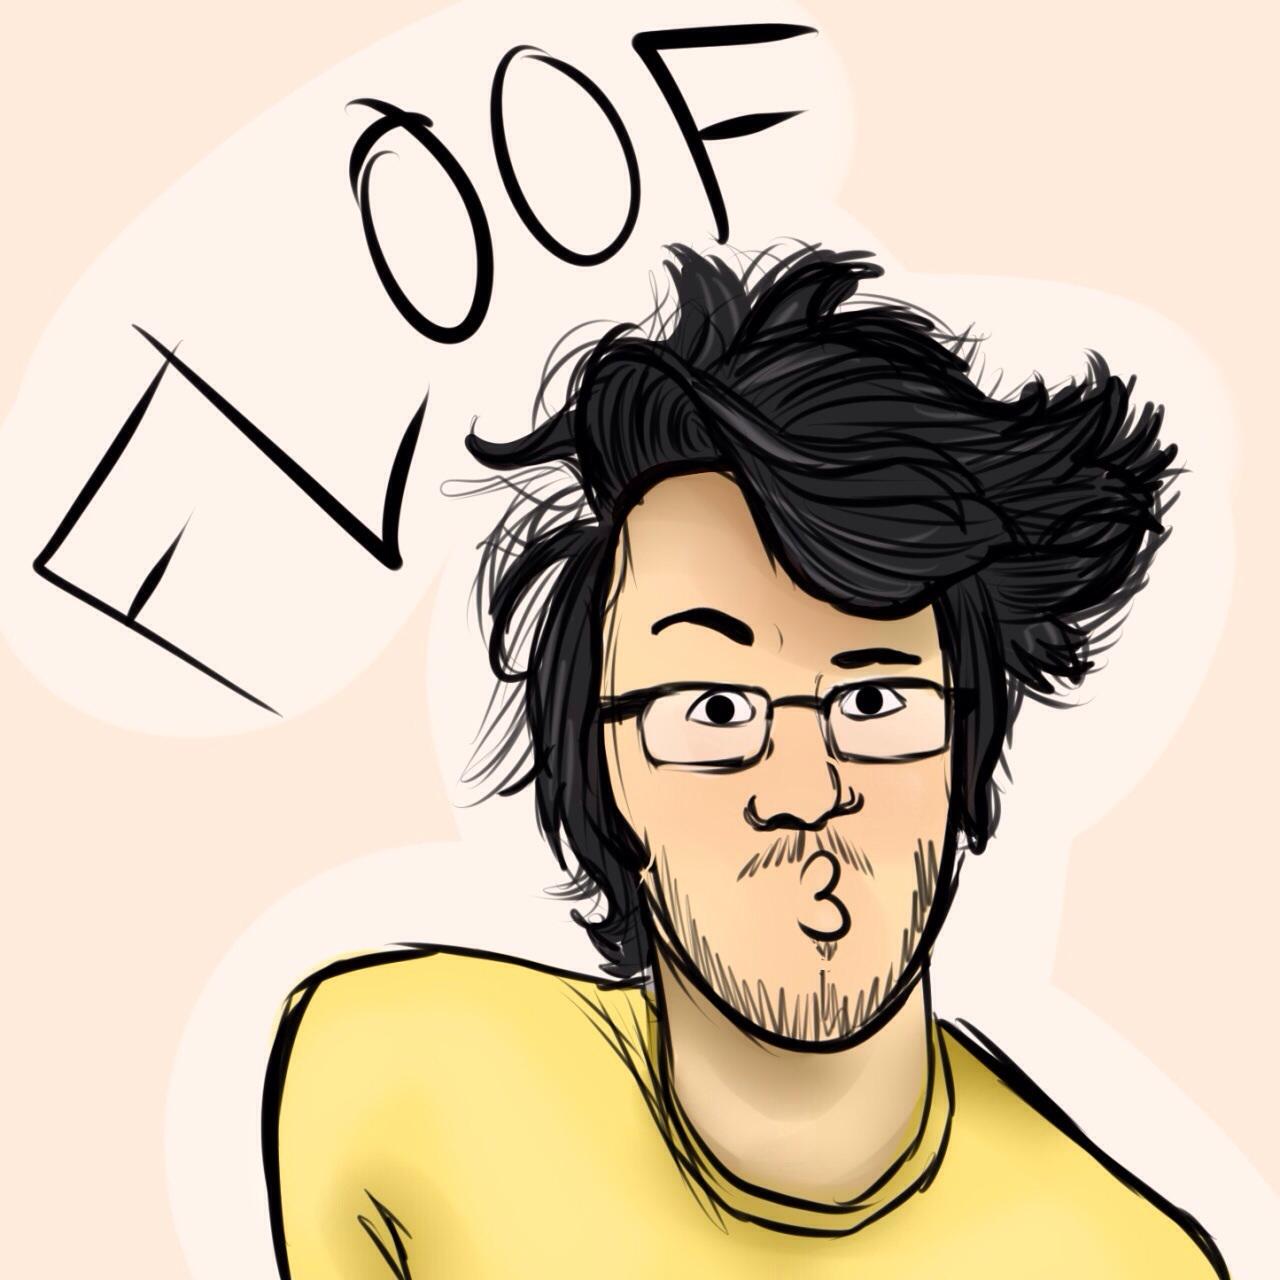 Mark's Hair